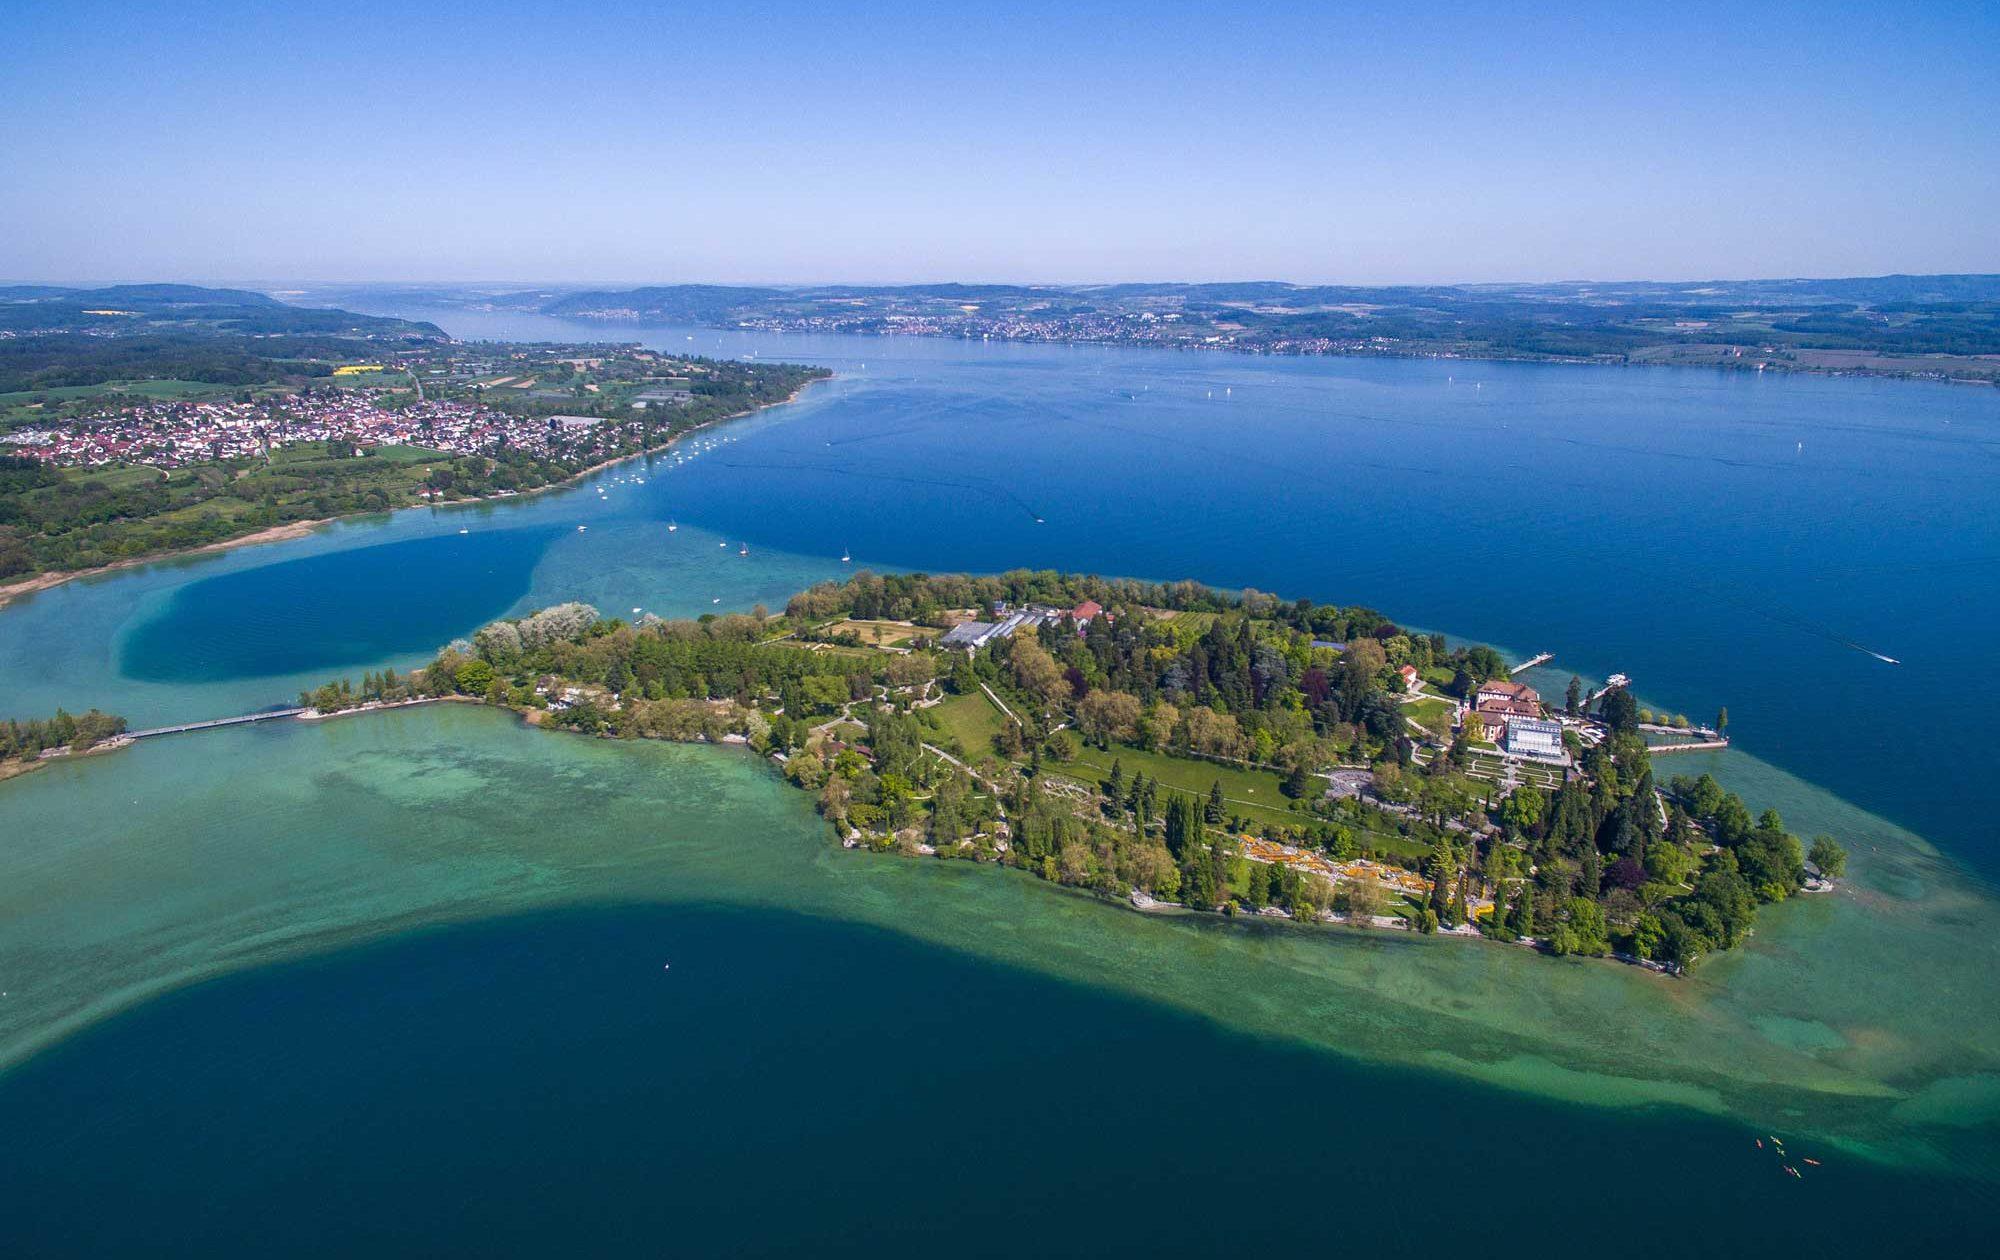 Der Bodensee: Urlaub an Deutschlands größtem See